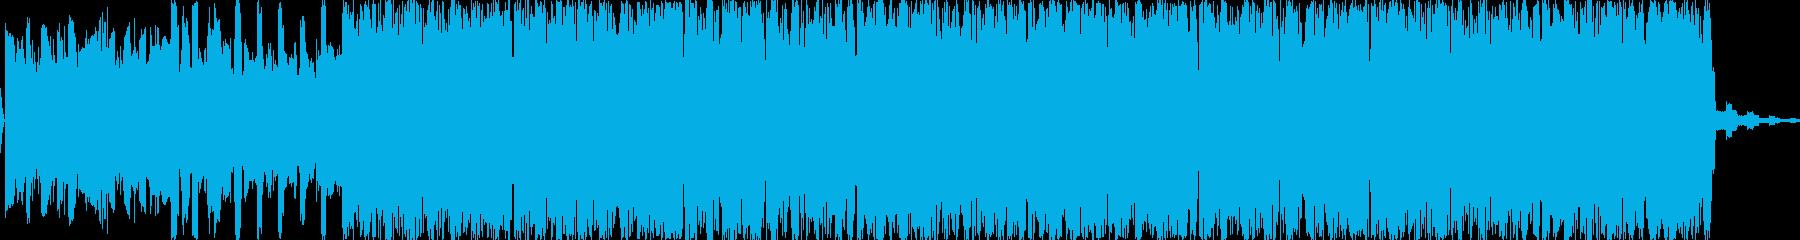 リードシンセとエフェクティブなドラムが…の再生済みの波形